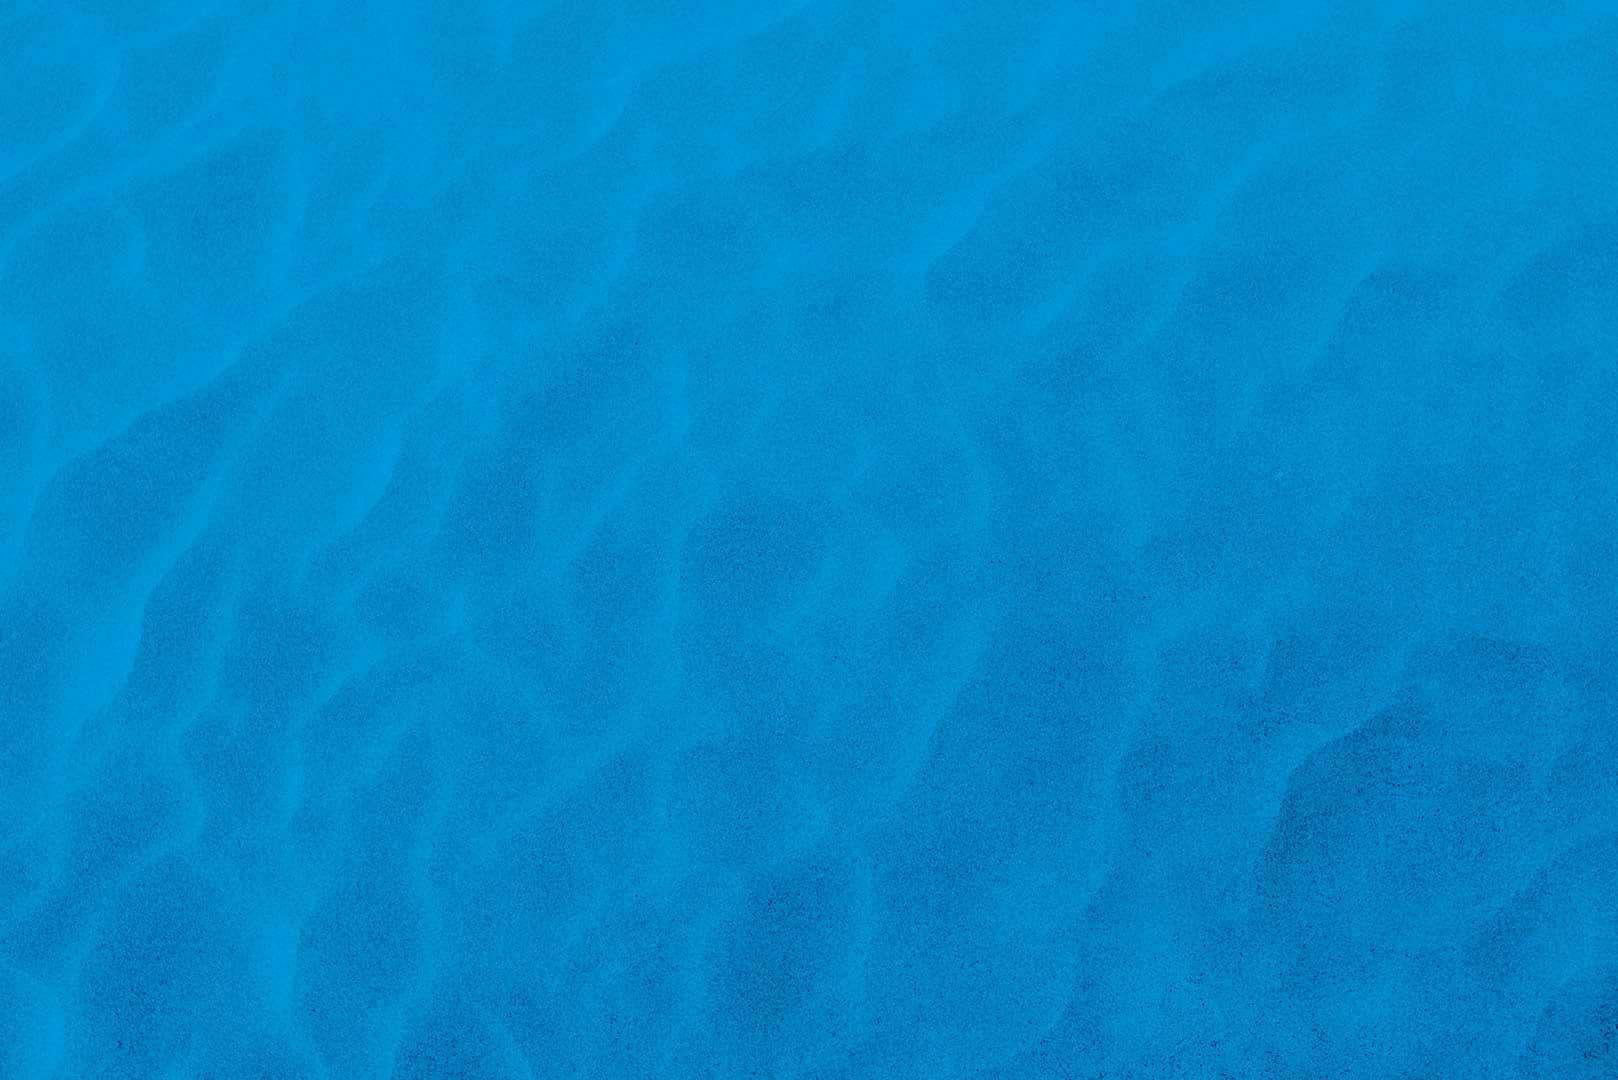 Sand Castle on the Beach- Blue BG